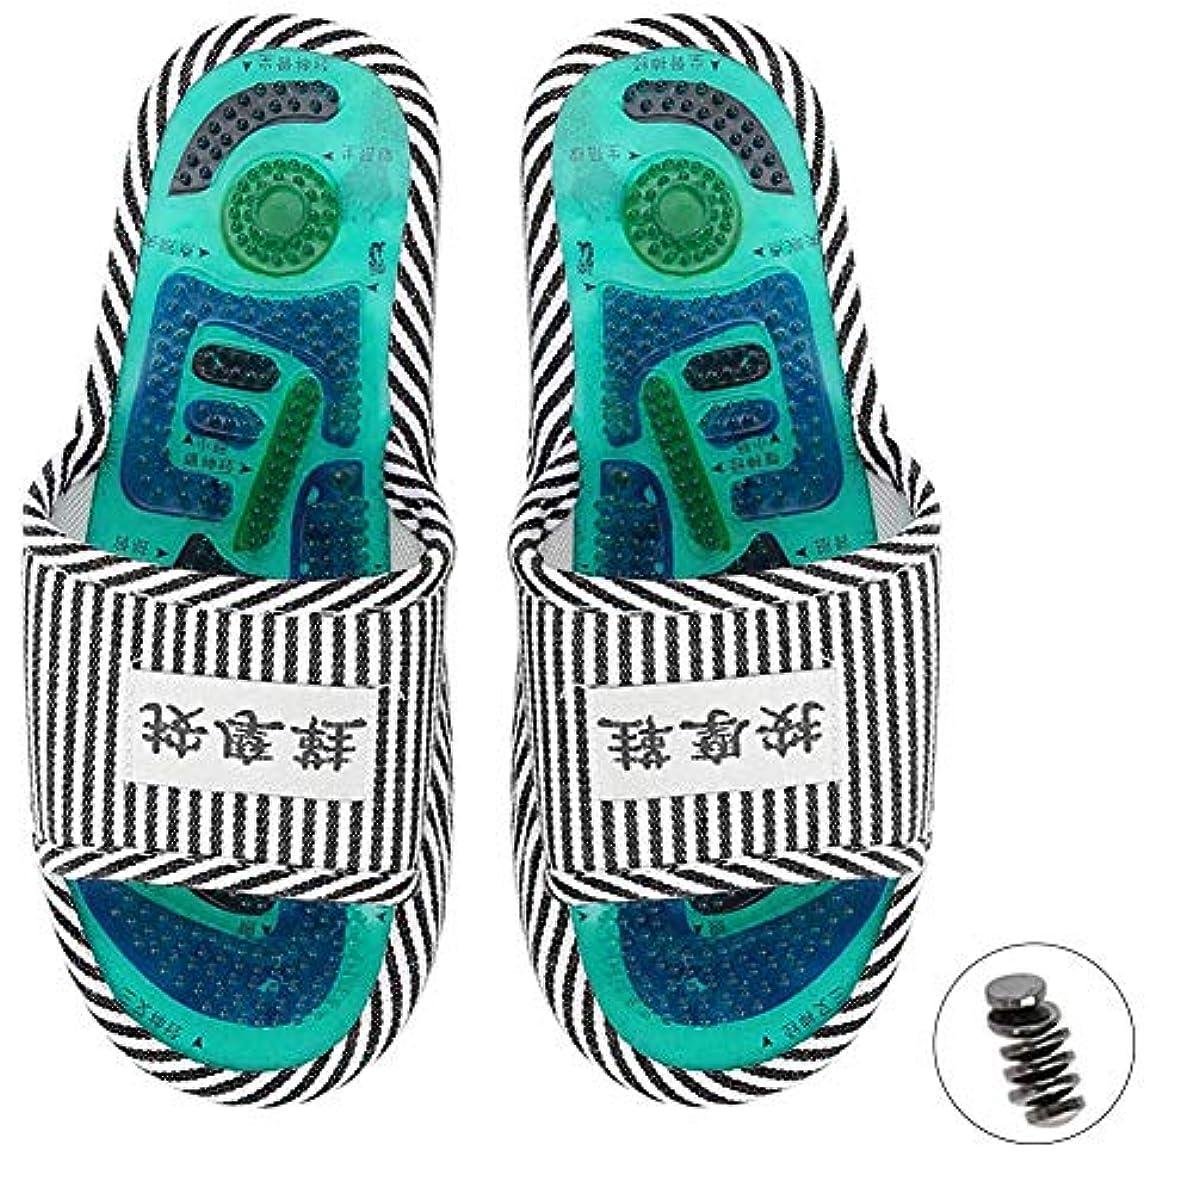 新しい意味より良い農業のマッサージスリッパ、足指圧マッサージ 磁気ストーン 健康な足のケア マッサージボール 男性女性用(1)